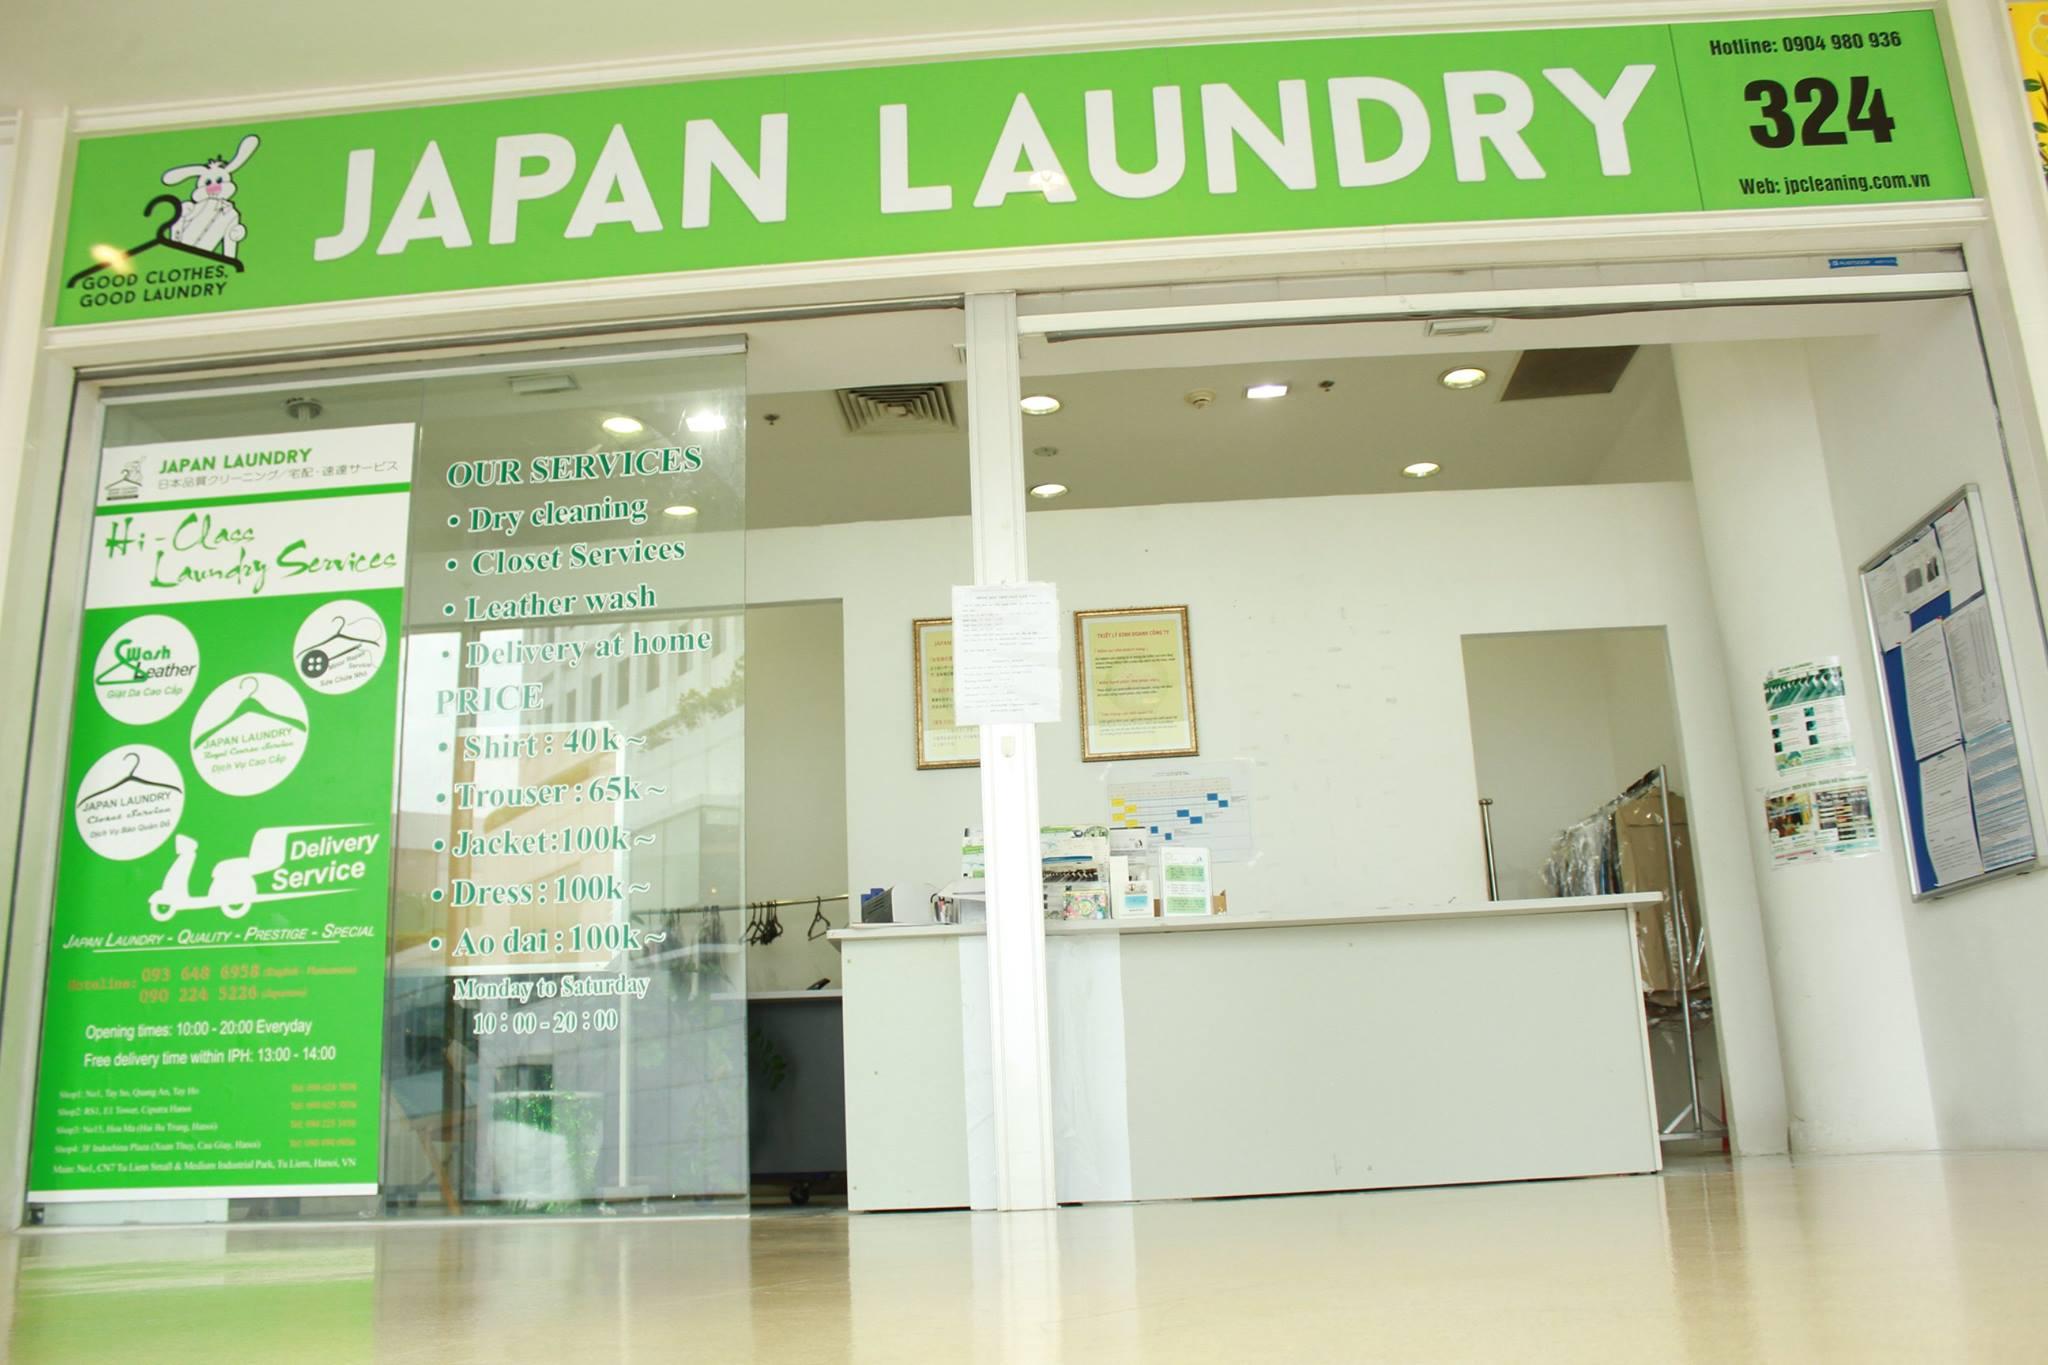 Lựa chọn địa chỉ giặt khô là hơi tại Hà Nội uy tín - Japan LaunDry